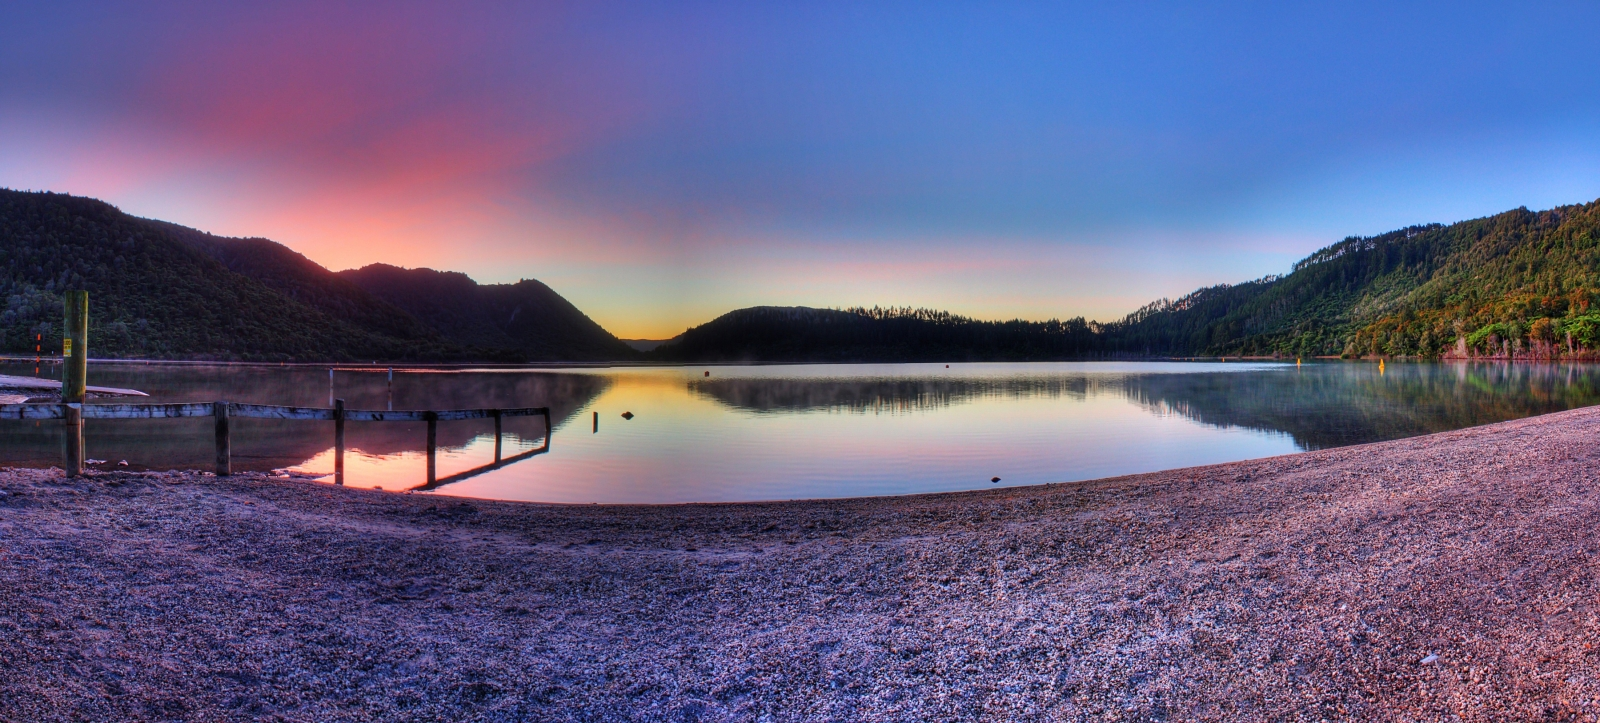 Blue Lake | Rotorua Thermal Holiday Park